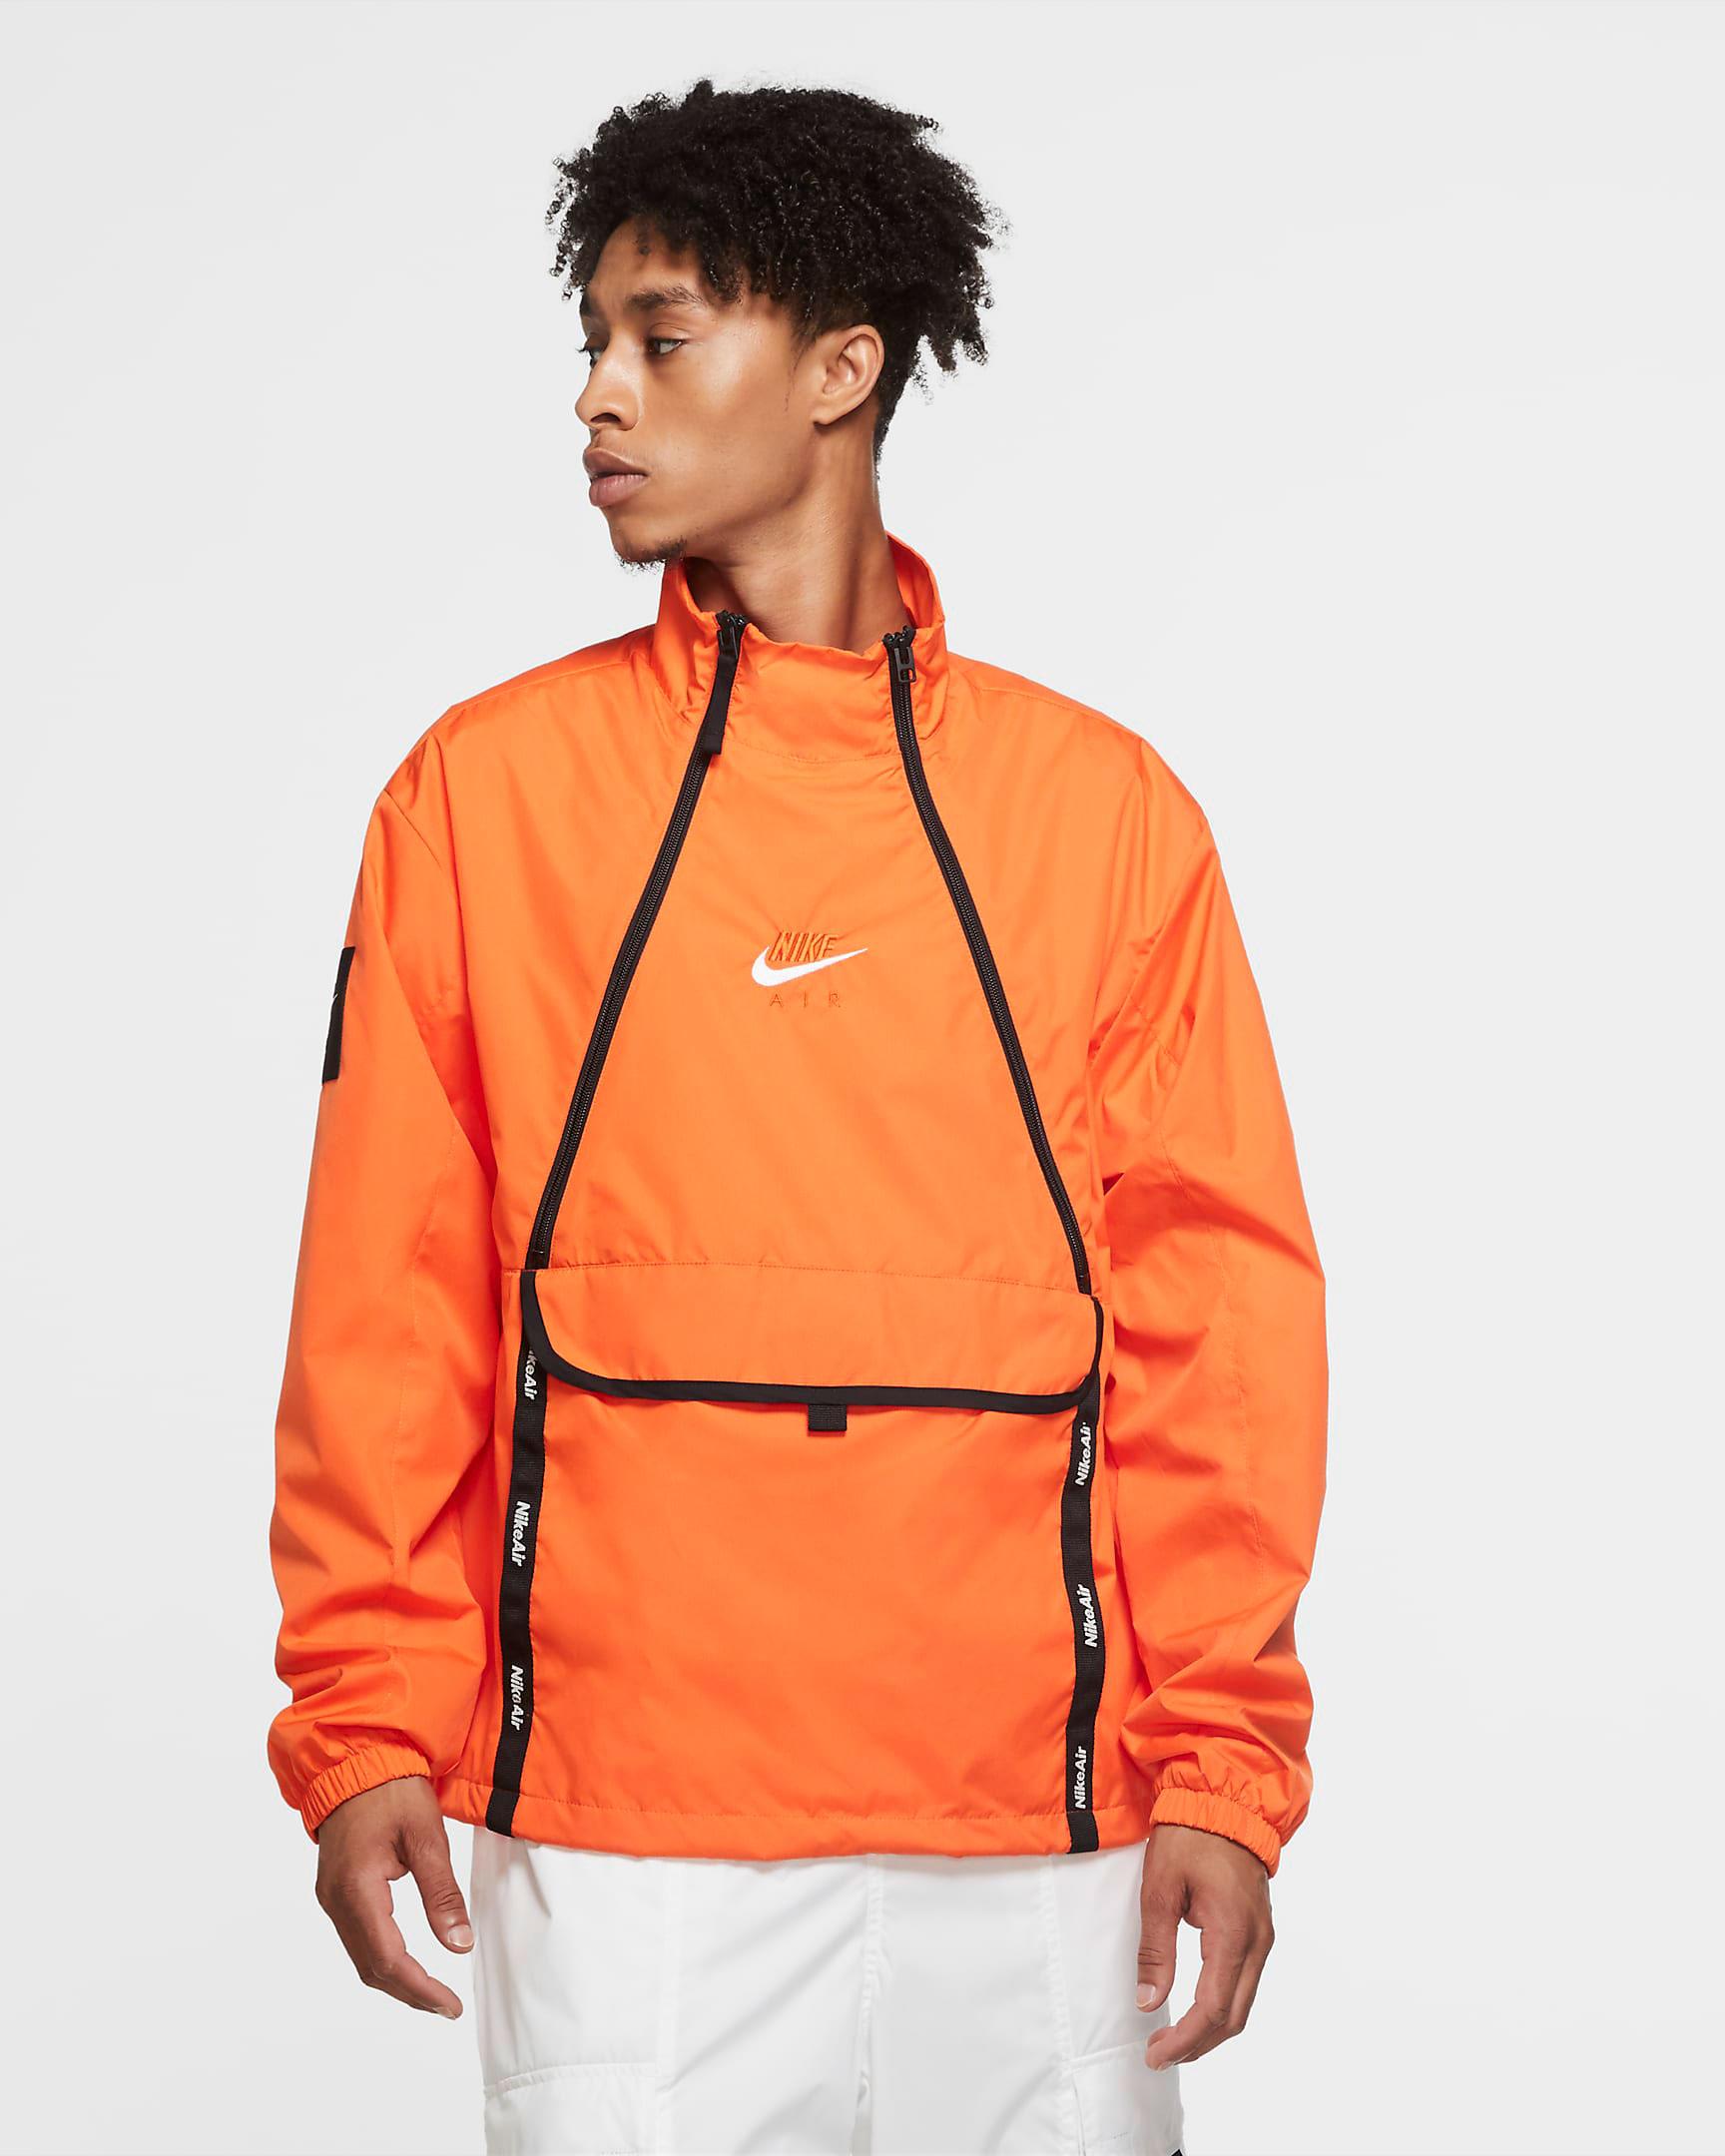 nike-air-foamposite-pro-halloween-jacket-1